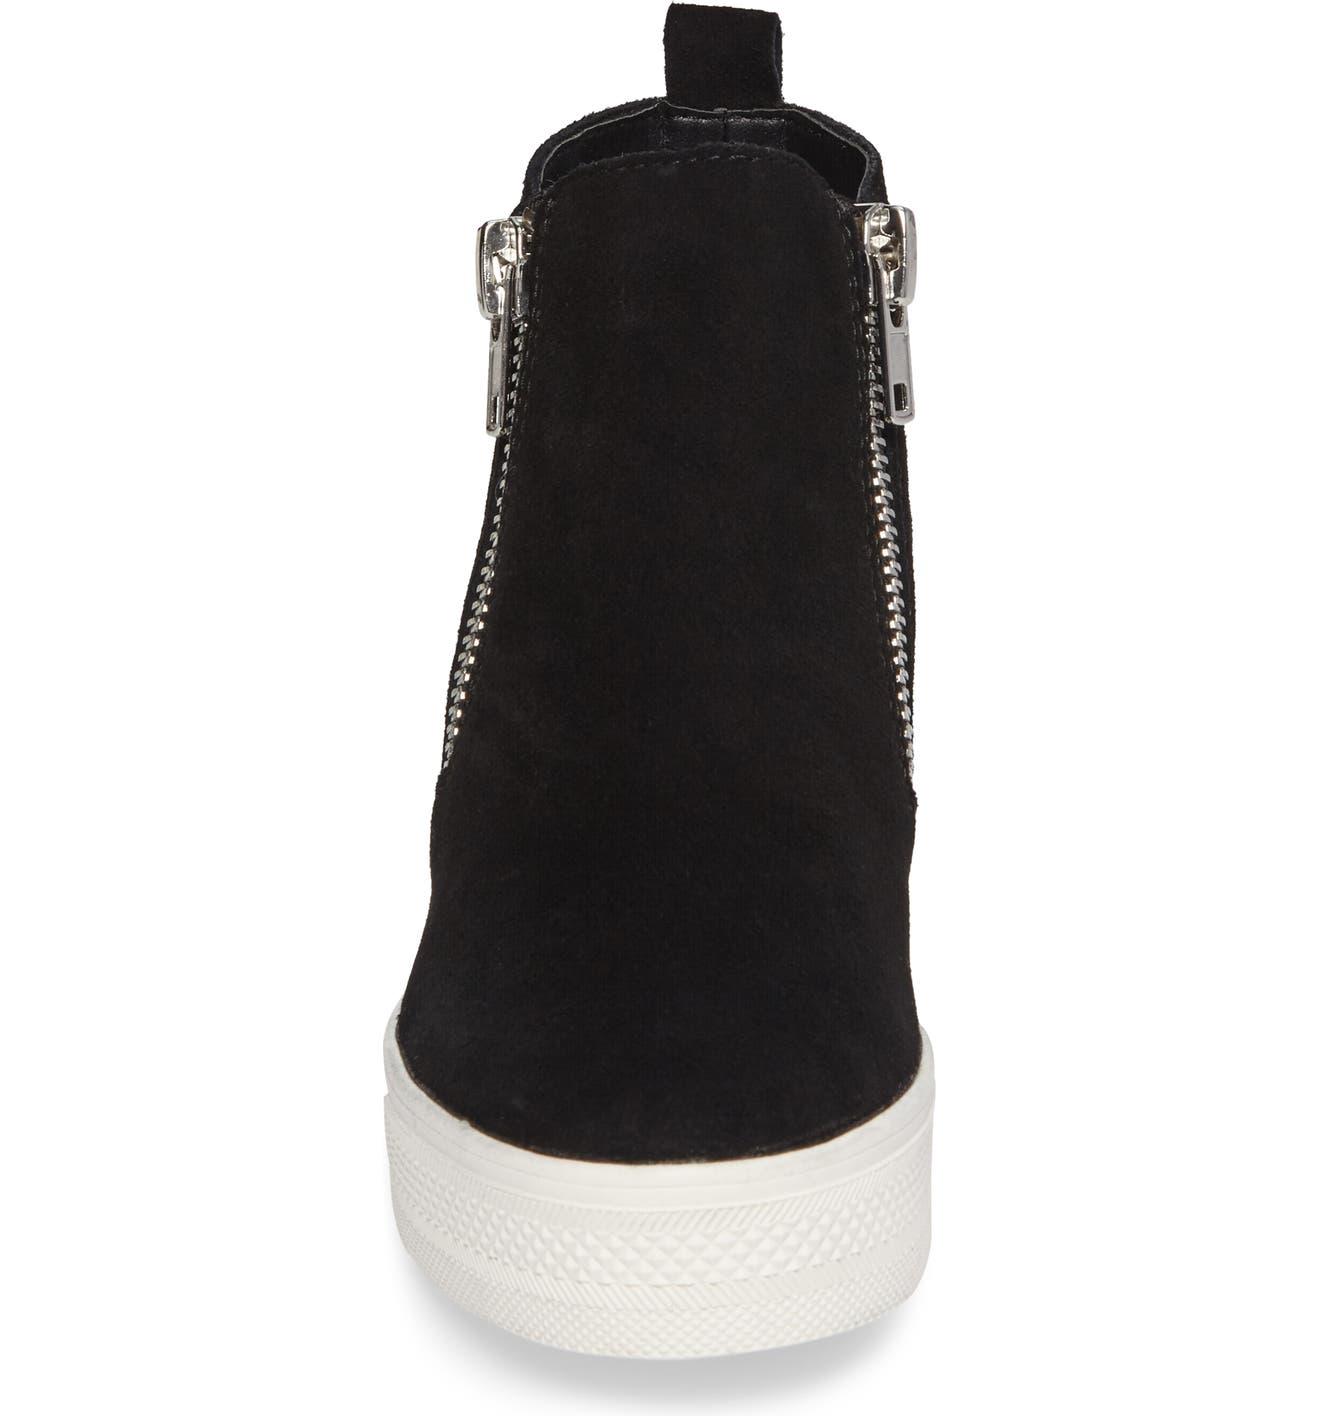 8f614ffb5fa Steve Madden Wedgie High Top Platform Sneaker (Women)